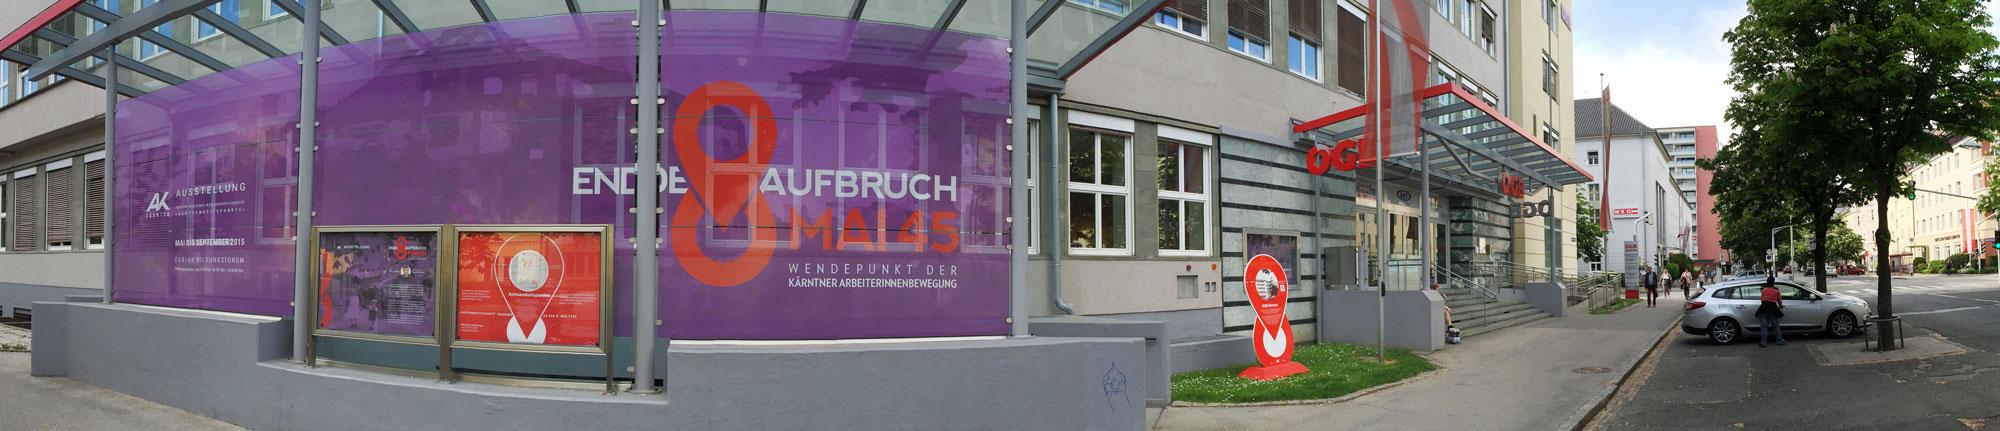 Ein Blickfang gleich am Anfang: Gestaltung des Eingangsbereiches zum ÖGB Haus in der Bahnhofstraße